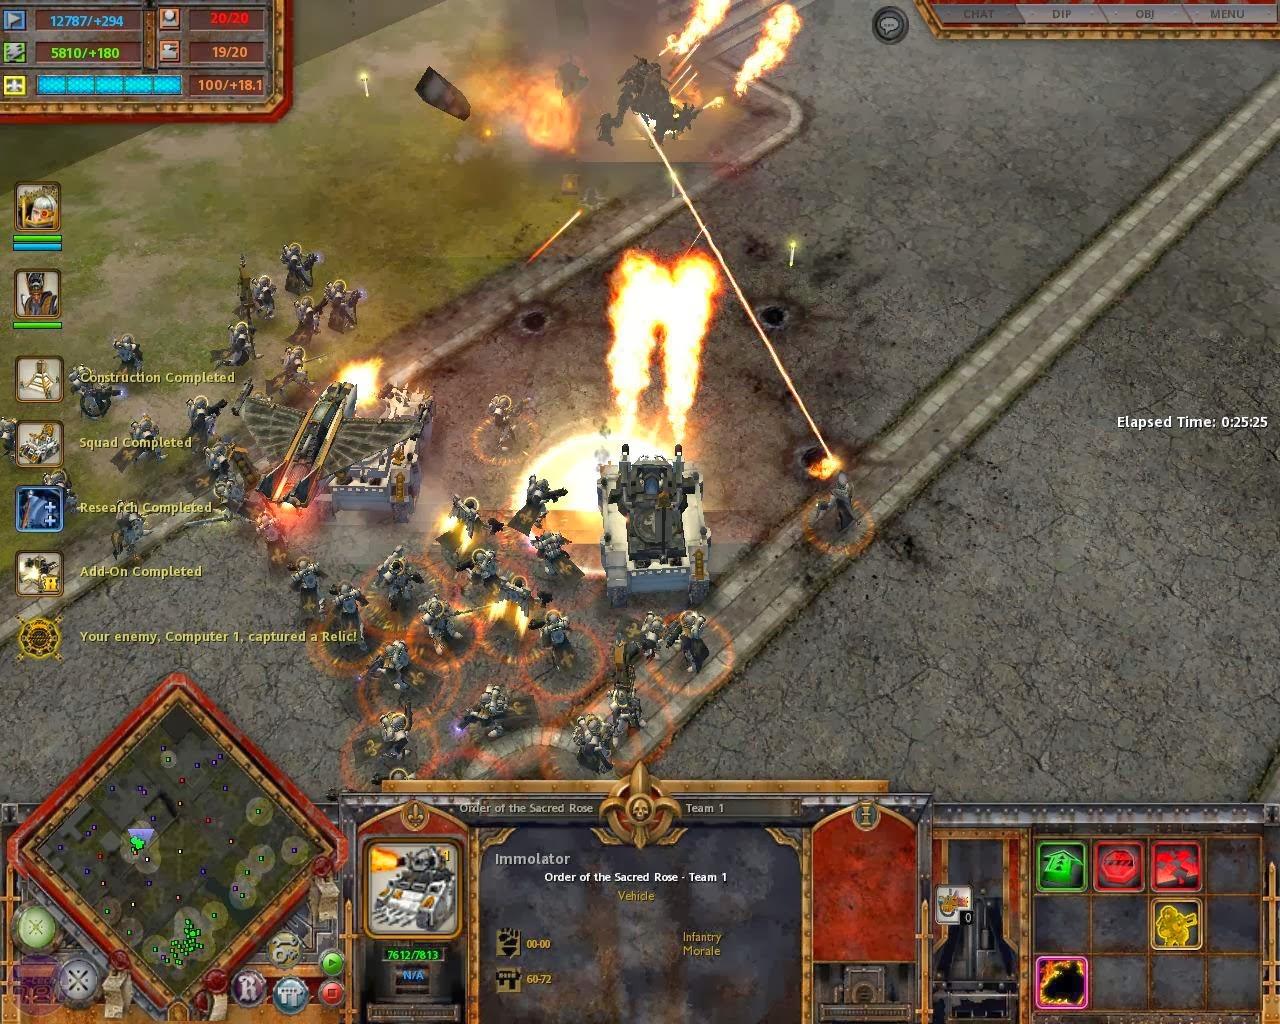 dawn of war dark crusade download full version free